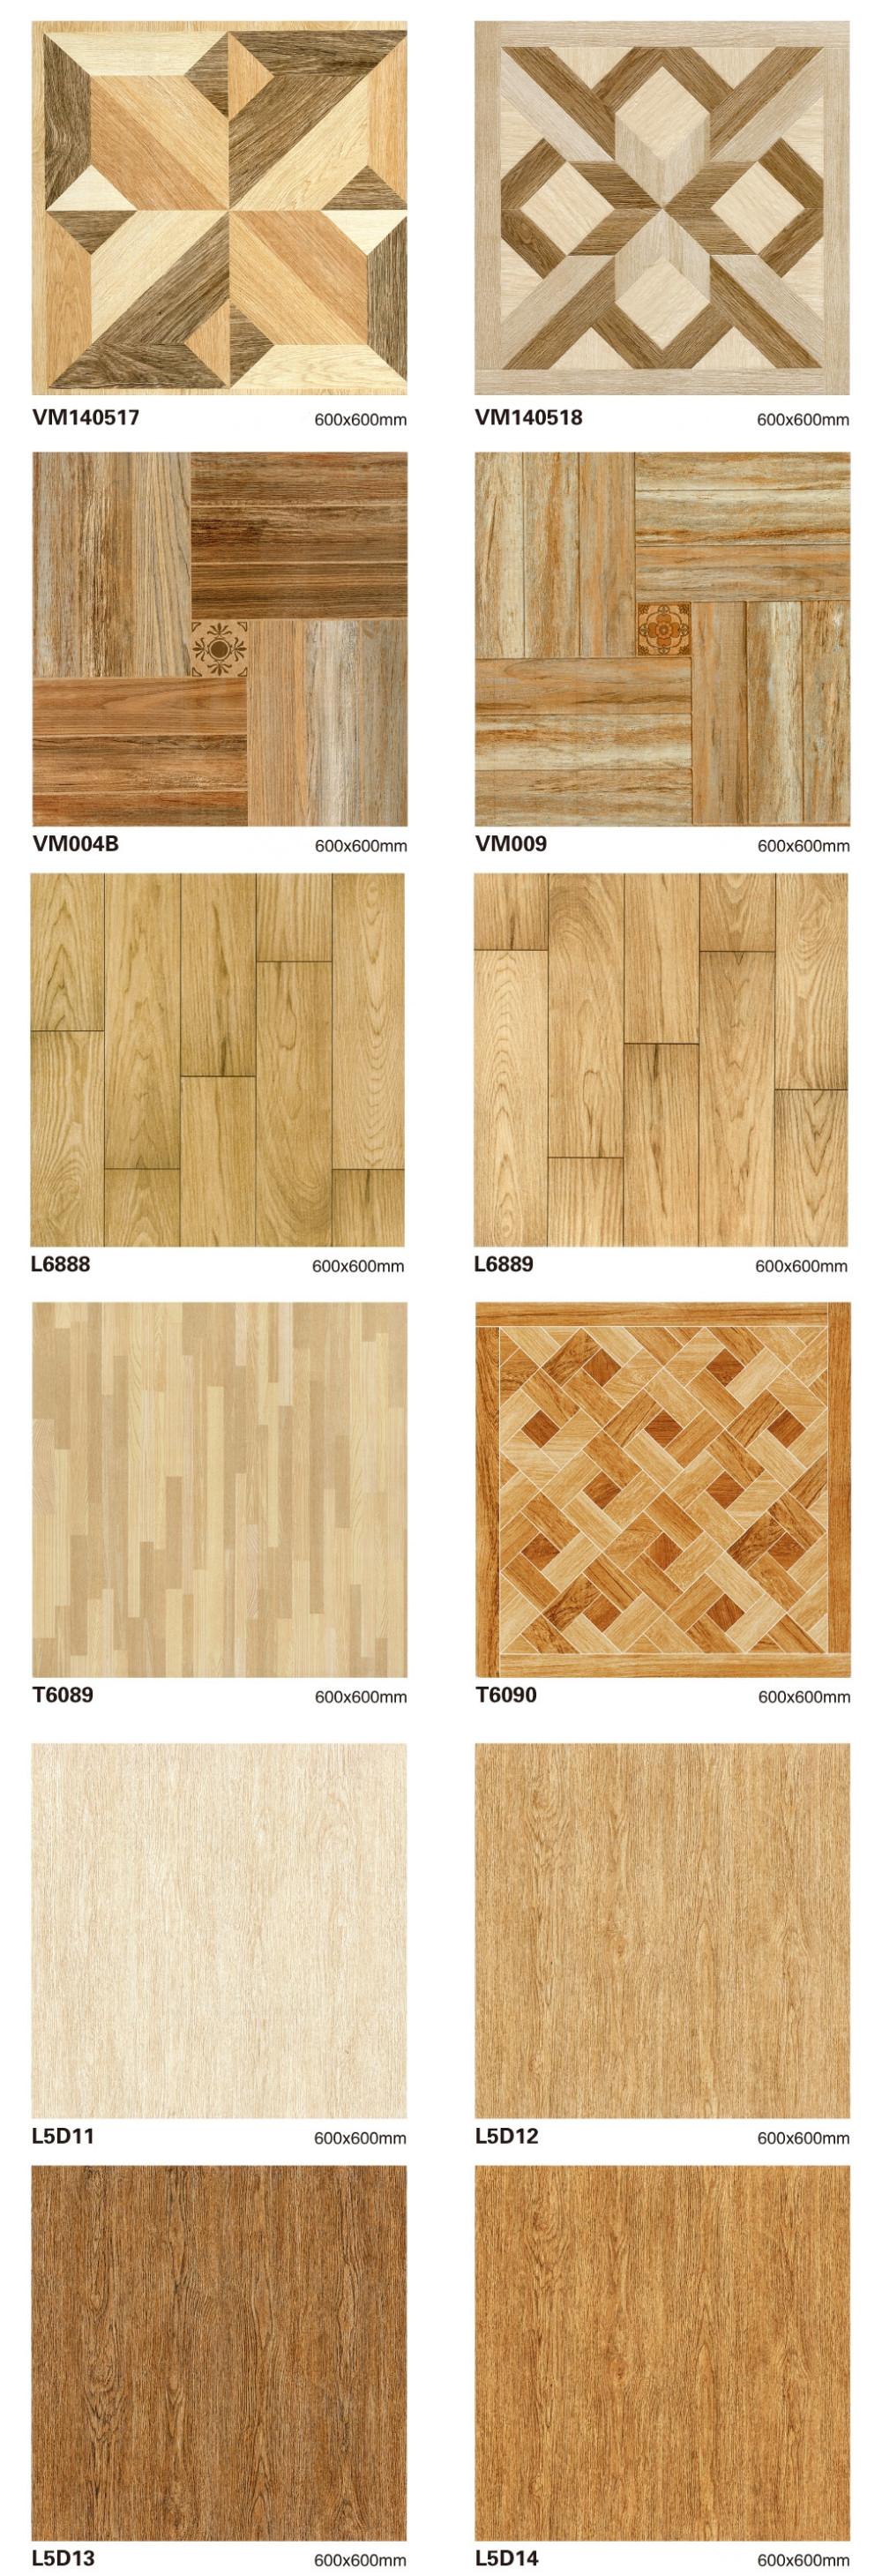 Ceramic floor tiles price